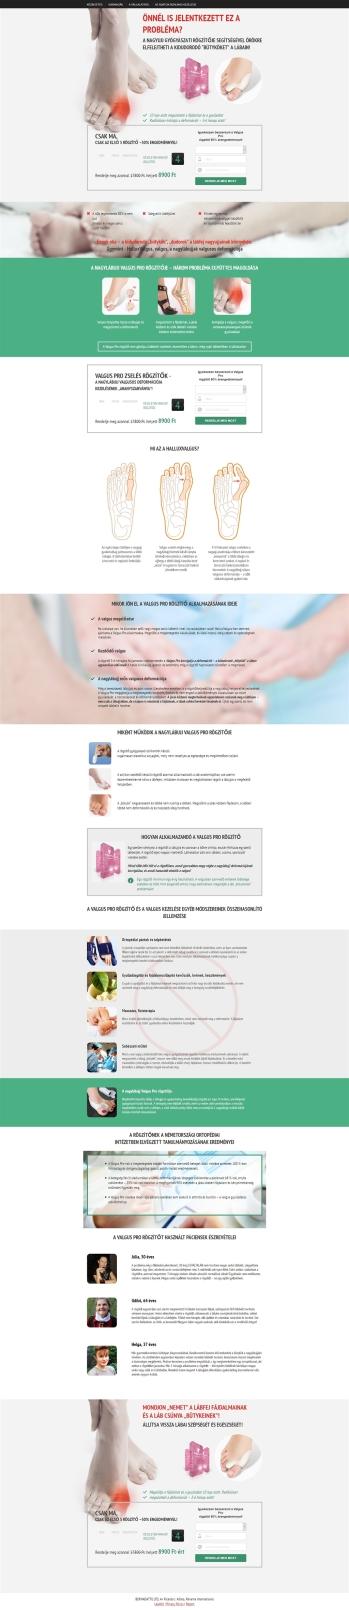 hogyan lehet kezelni az ujjgyulladást